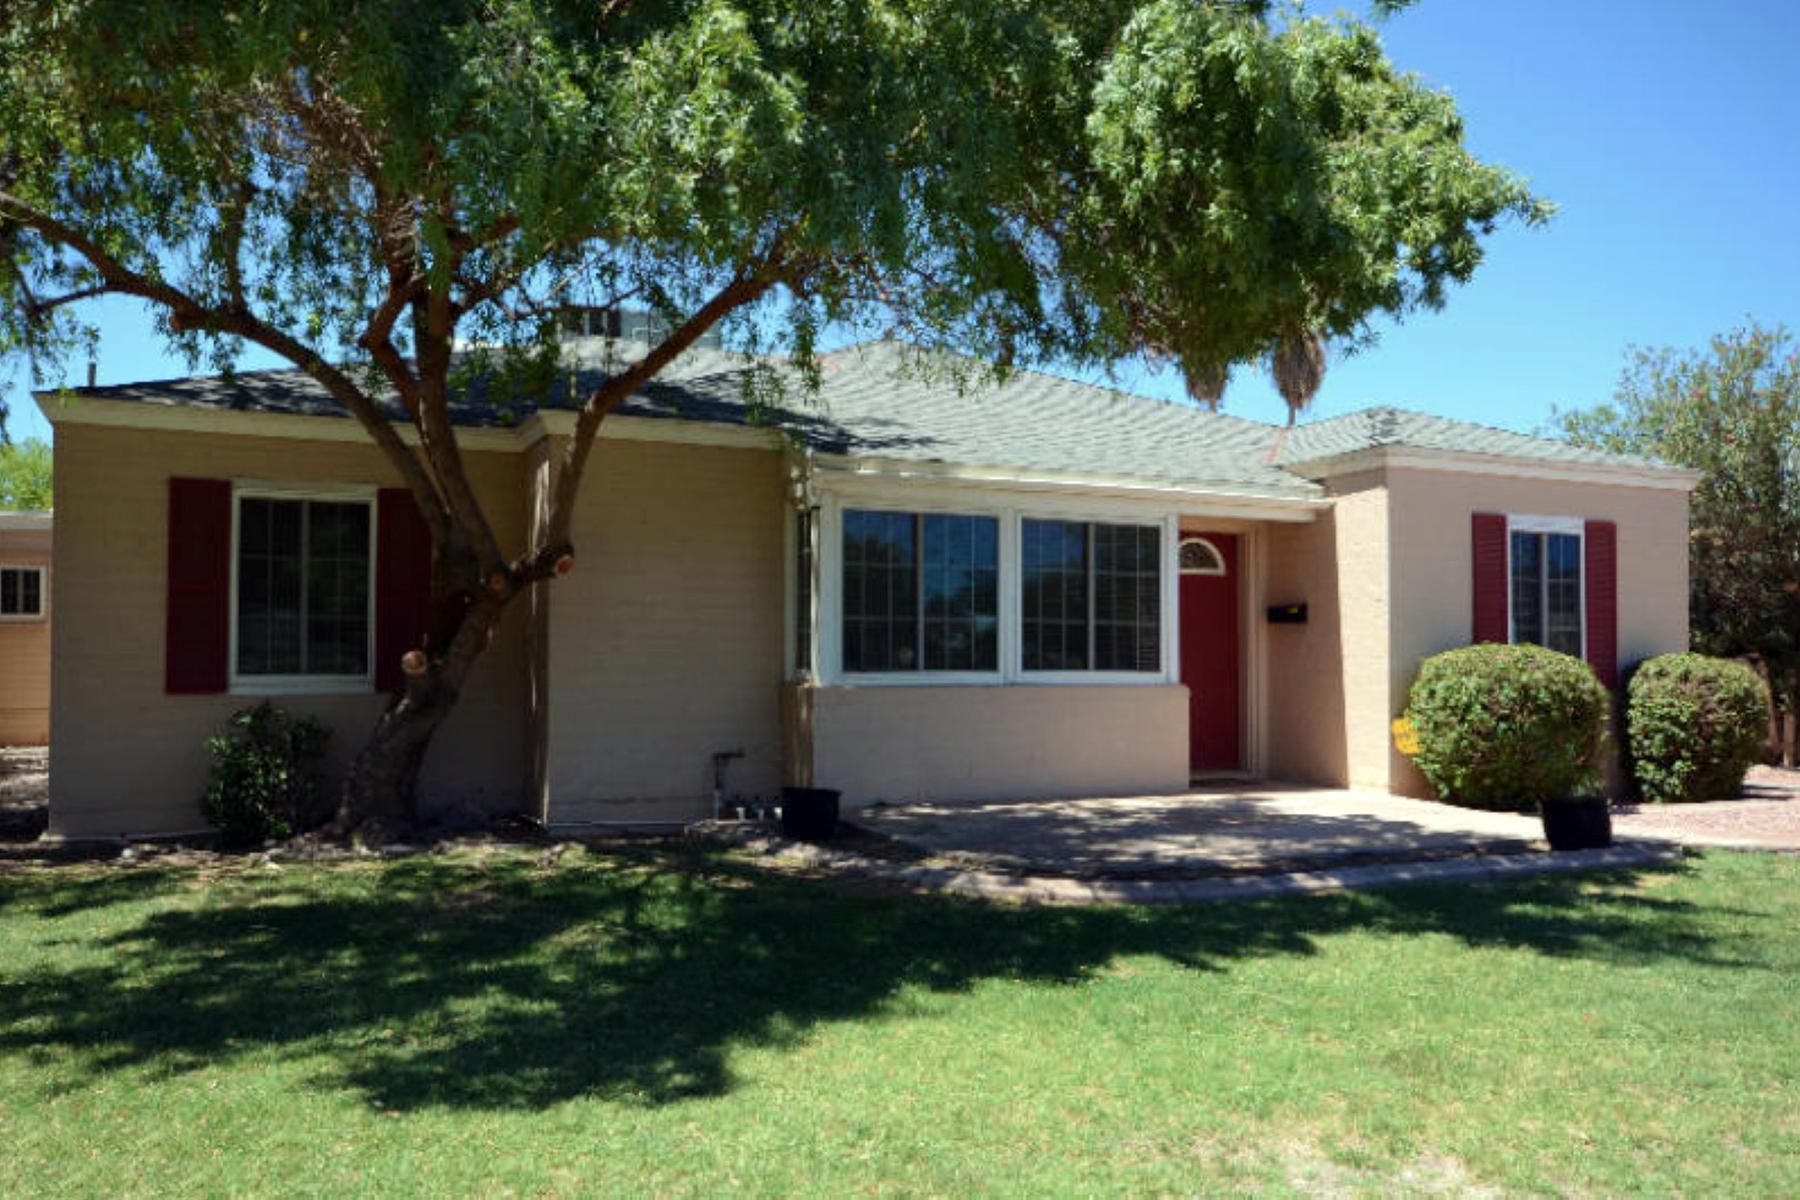 Maison unifamiliale pour l Vente à Charming Home in Willo Historic District on 1/4 Acre Lot 546 W Lewis Ave Phoenix, Arizona 85003 États-Unis